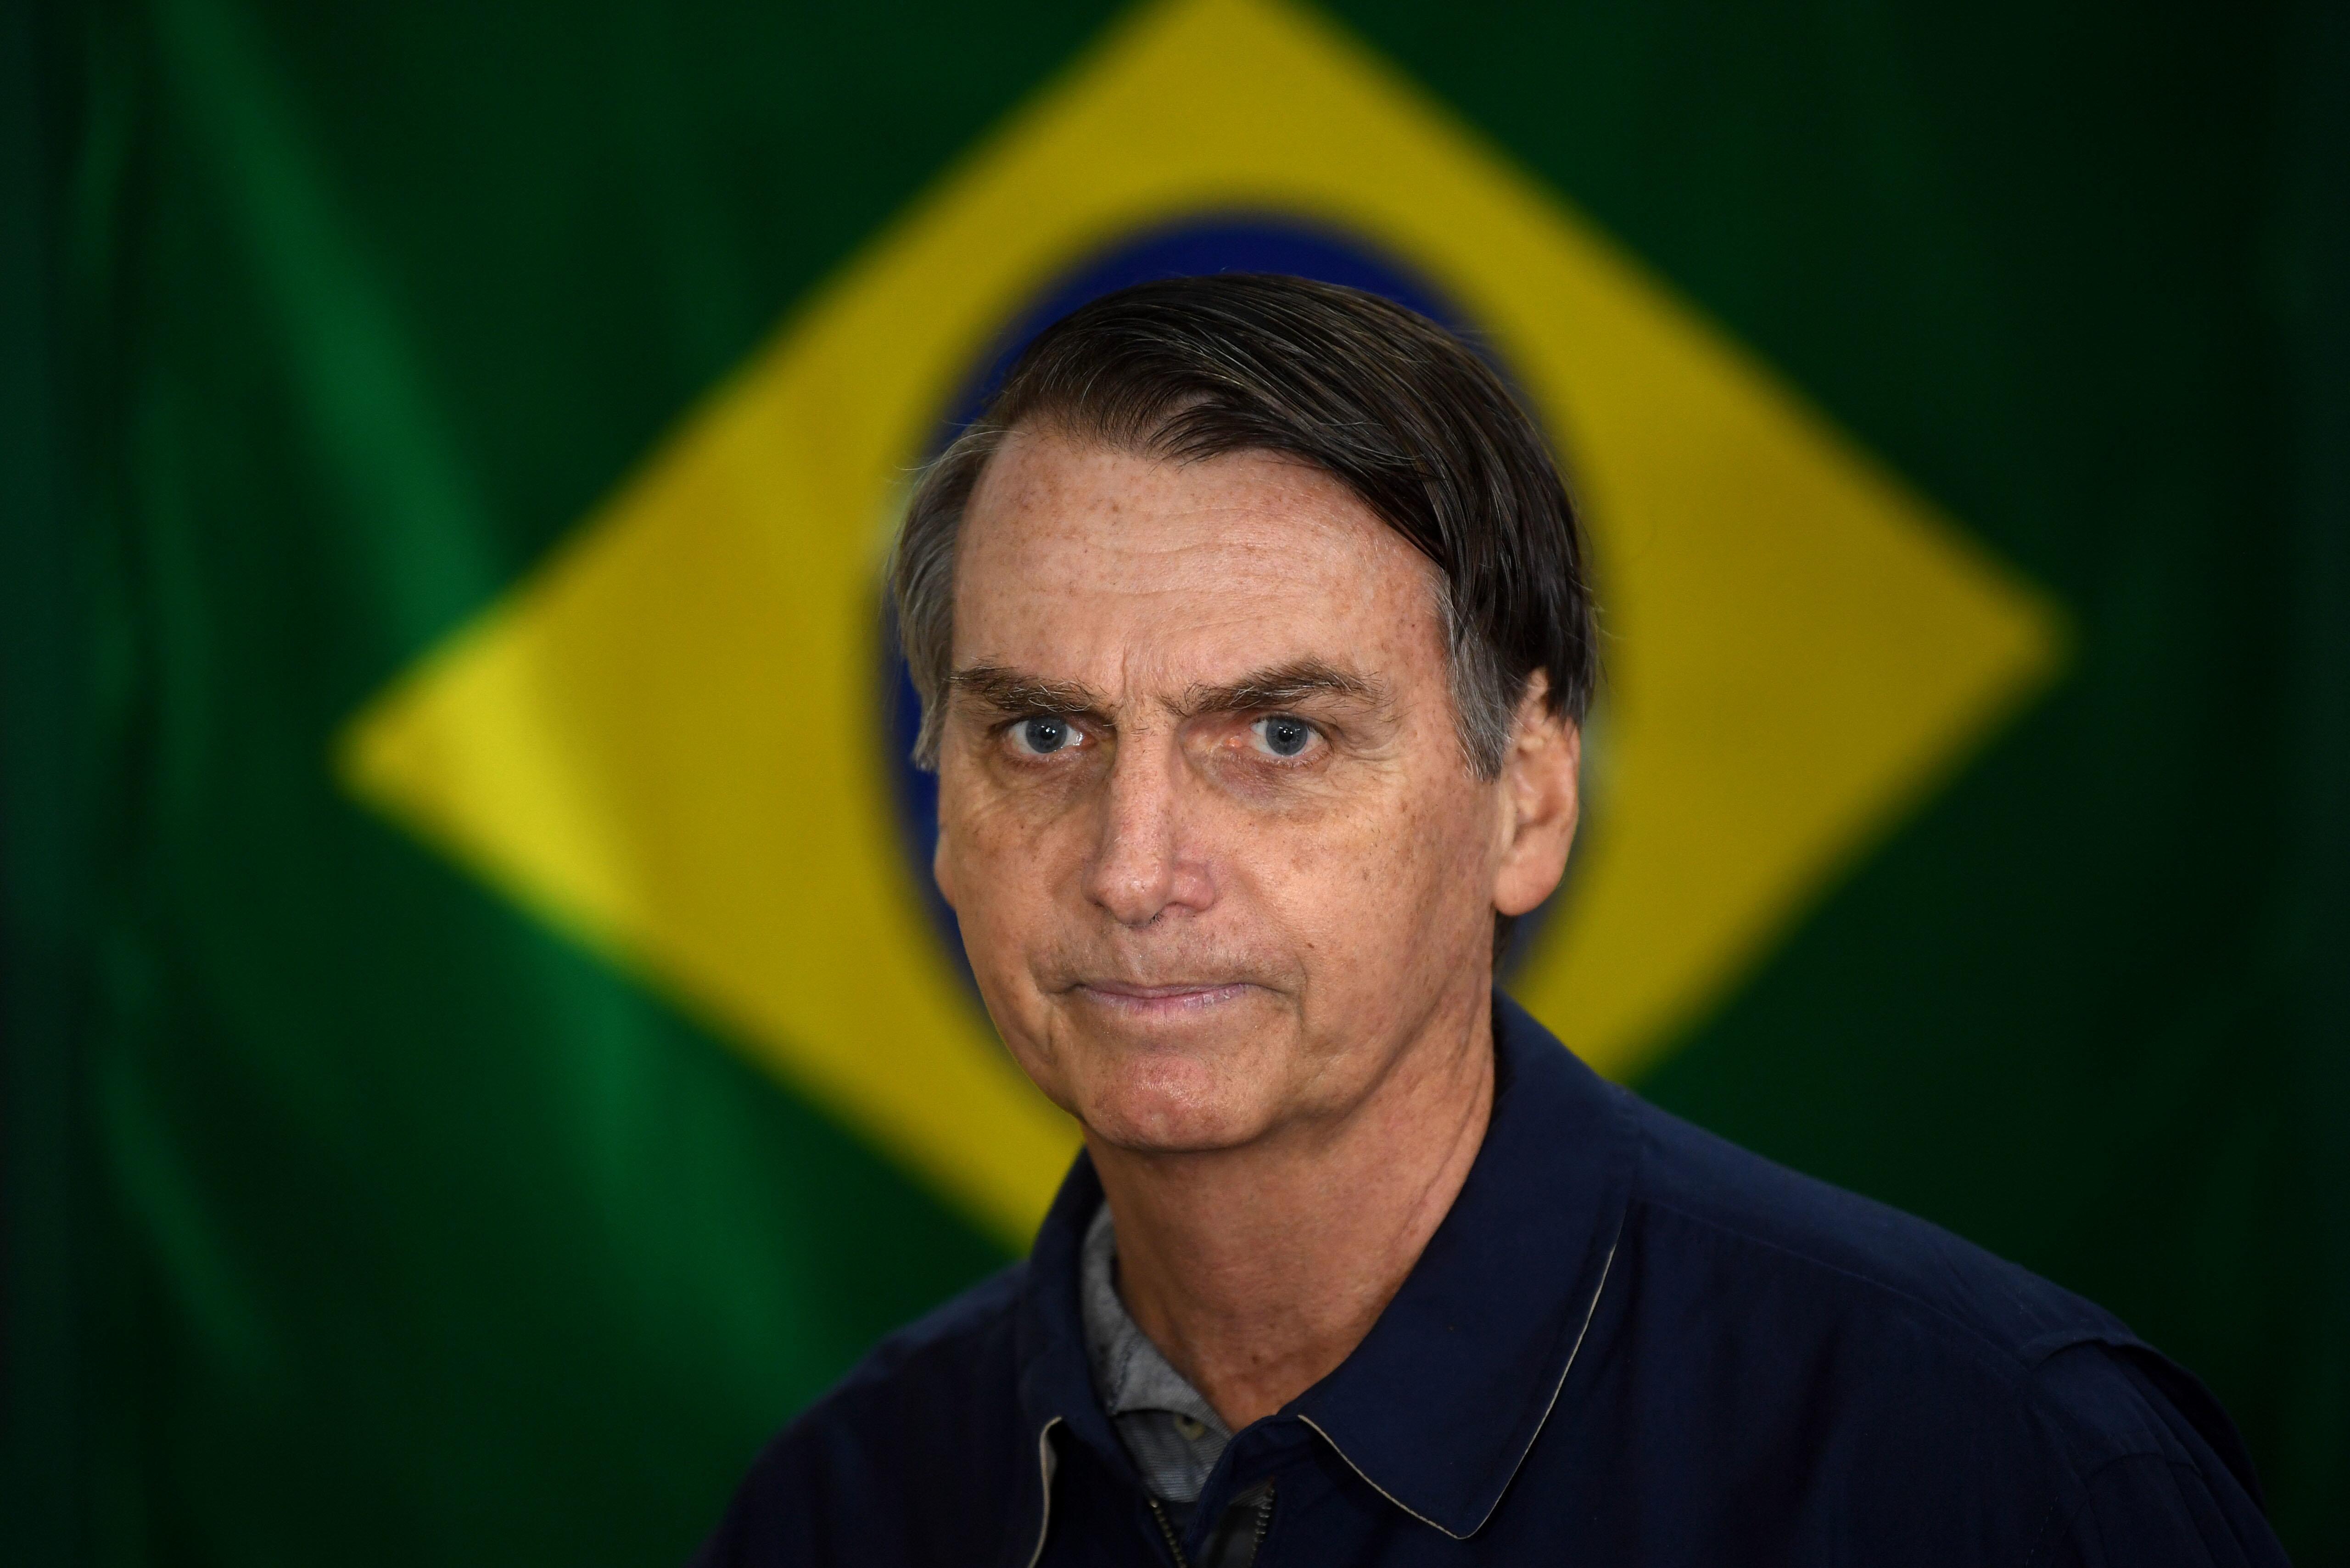 브라질 대선 : 극우 권위주의 정권 탄생이 눈 앞으로 다가왔다